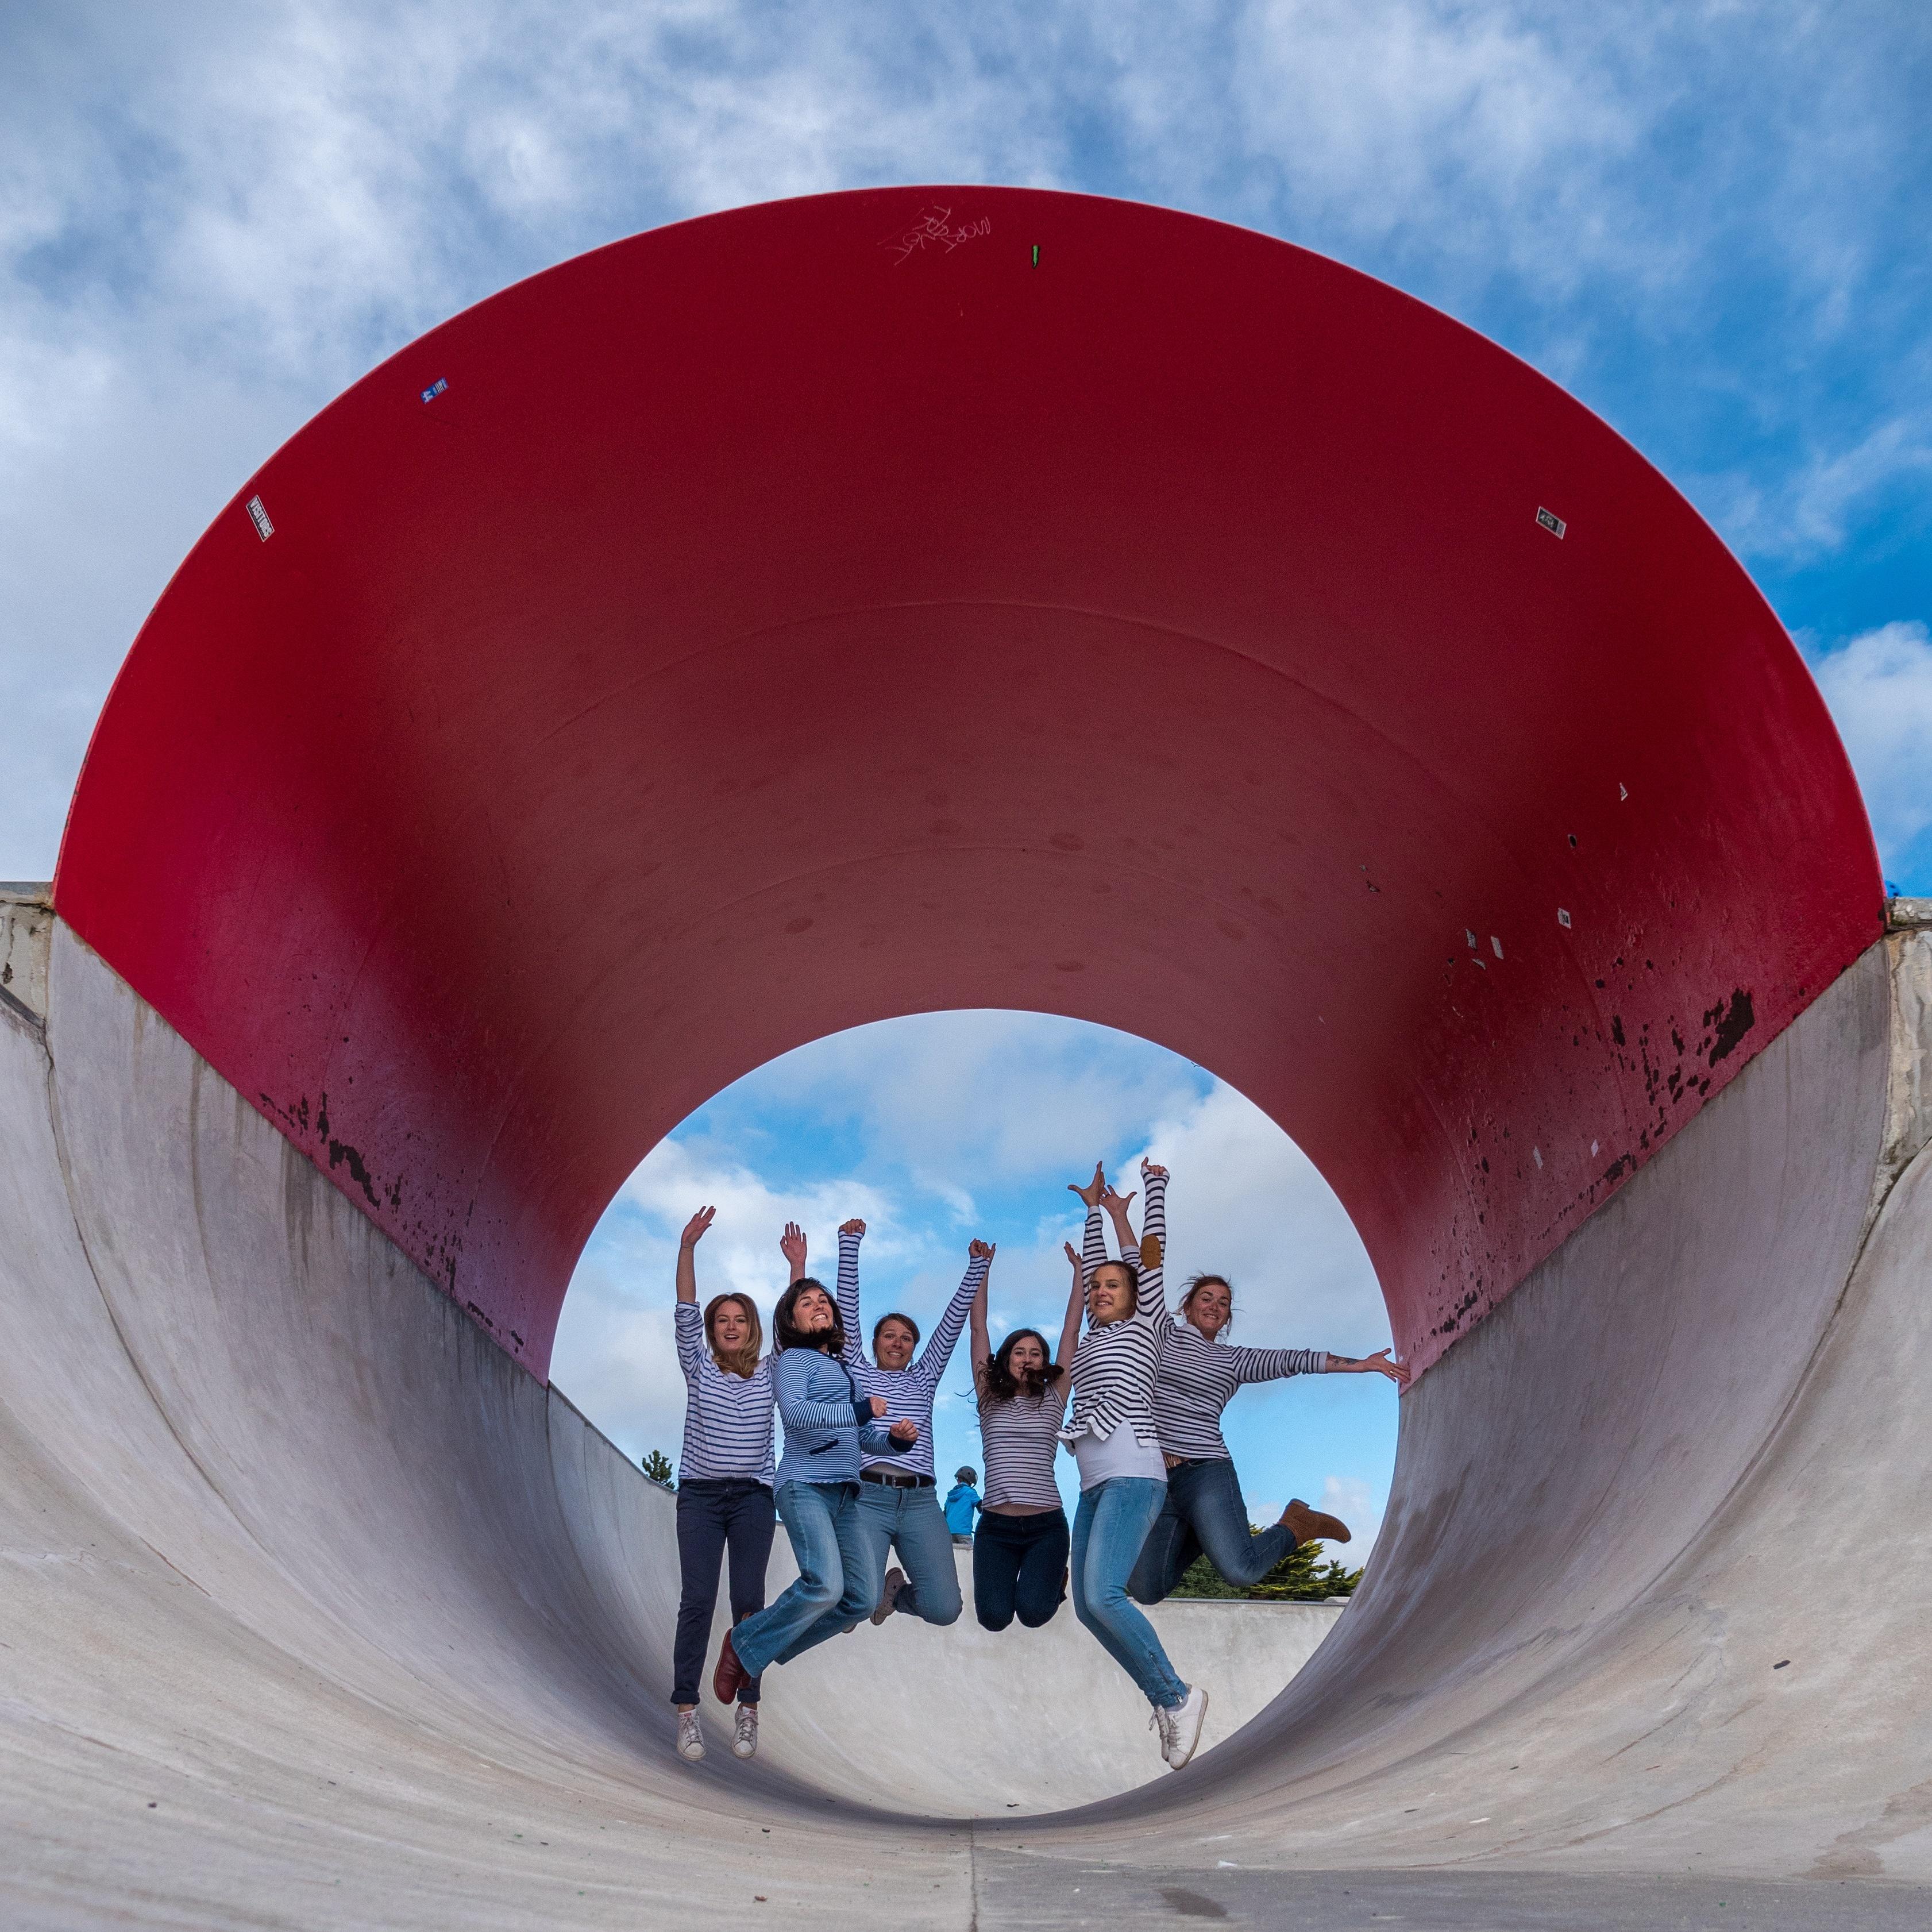 Les Petites Berniques - collectif de blogueuses - saint-nazaire - photo bu roukass